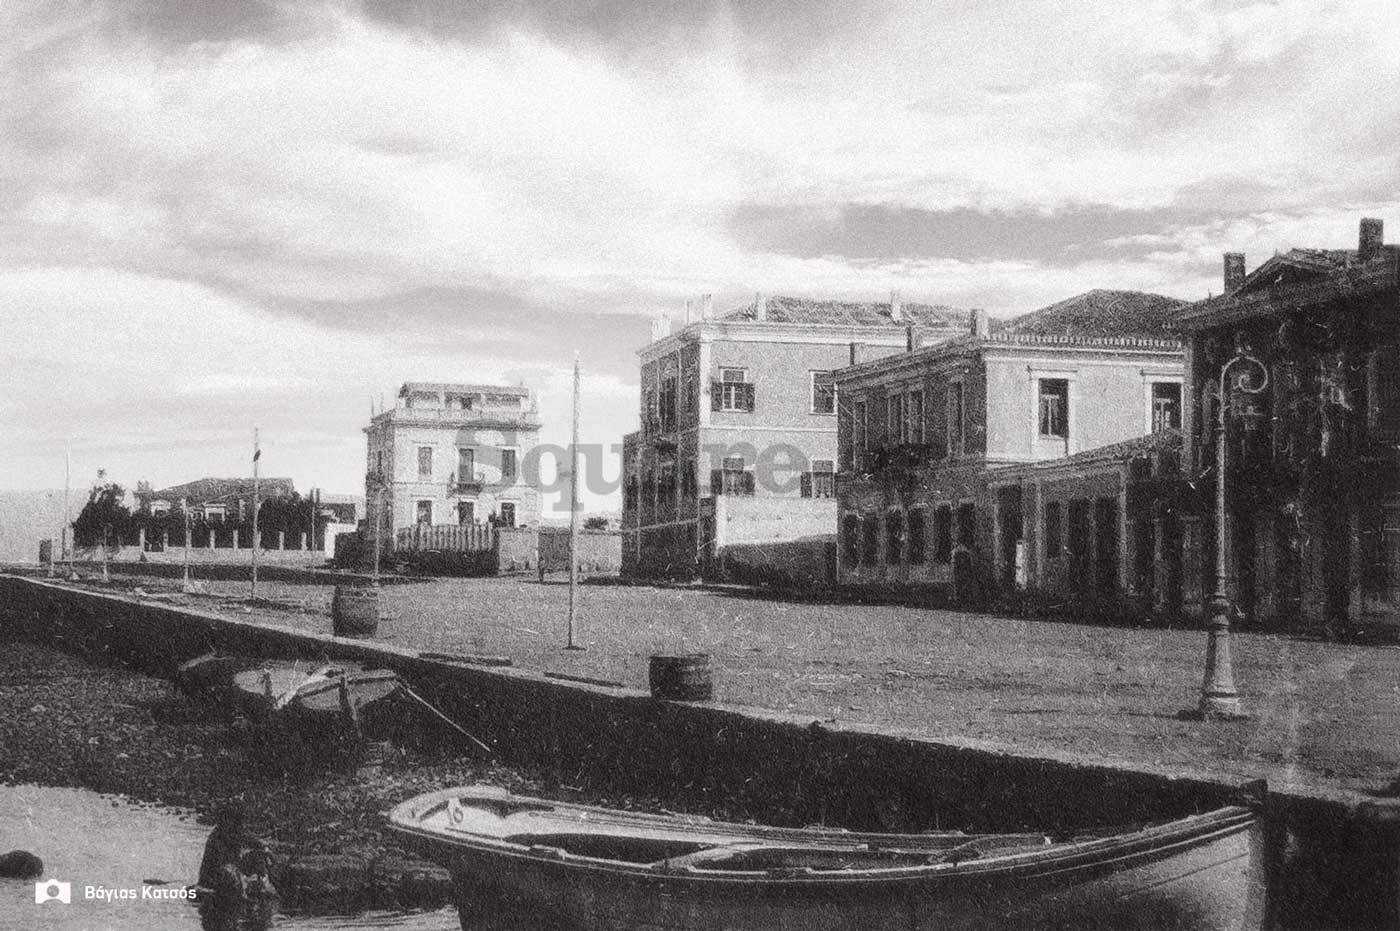 6-Κρηπίδωμα-1910-20 Αρχείο Μπάμπη Μάντουκα